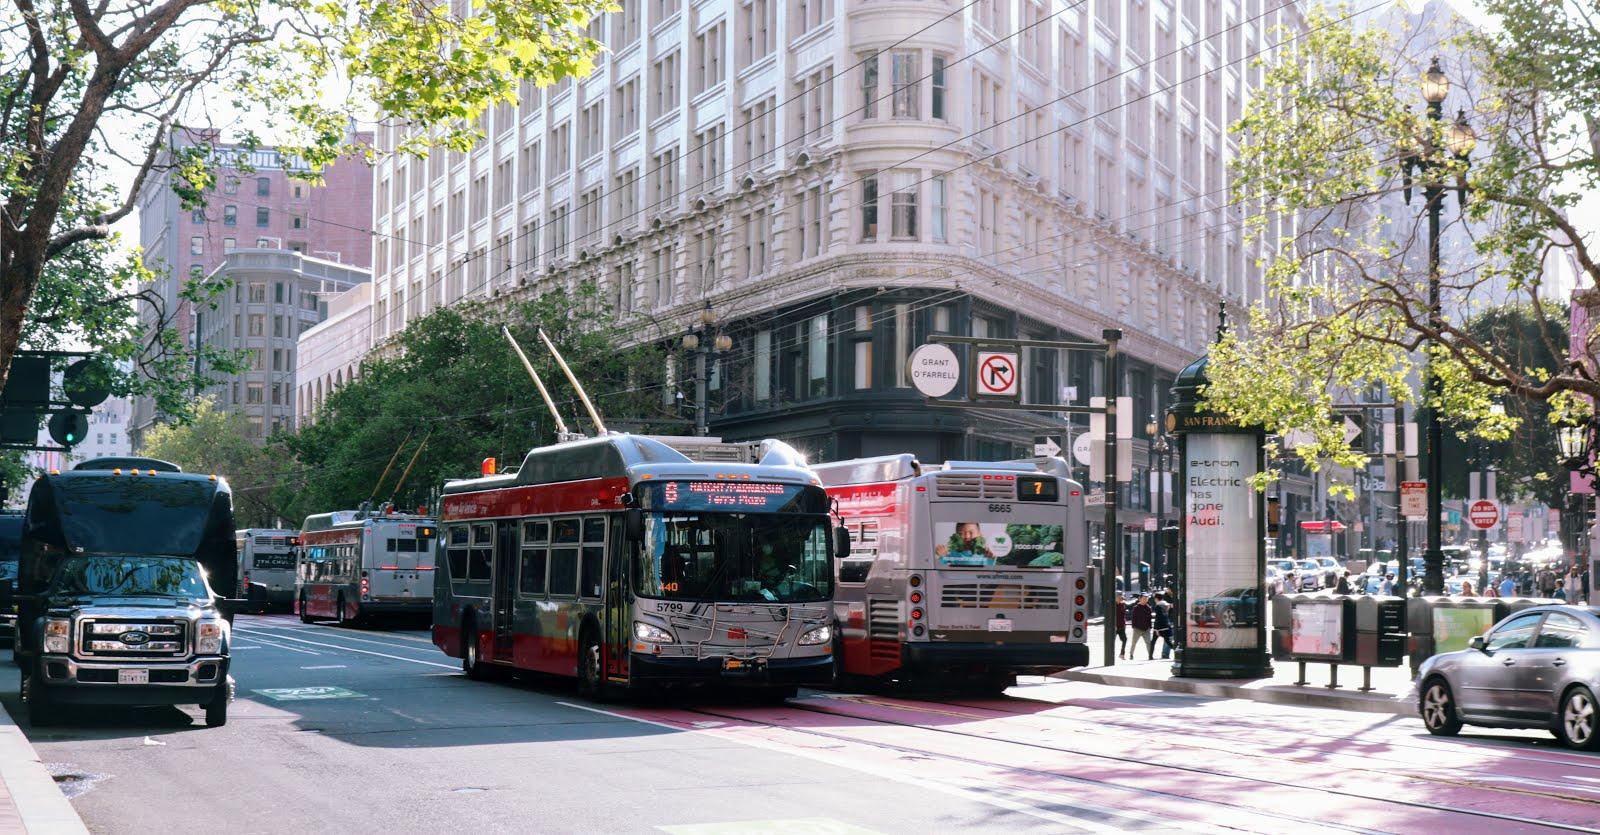 Đi lại bằng phương tiện công cộng ở San Francisco